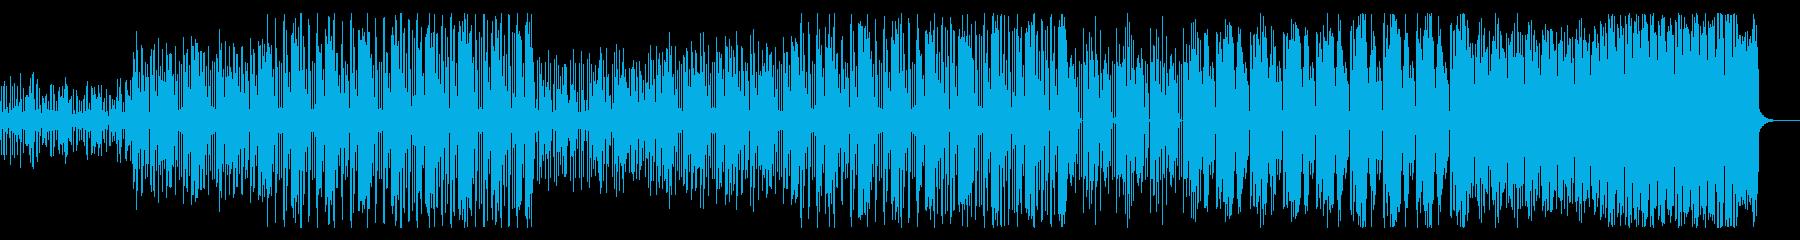 明るくふわふわとした電子音BGMの再生済みの波形